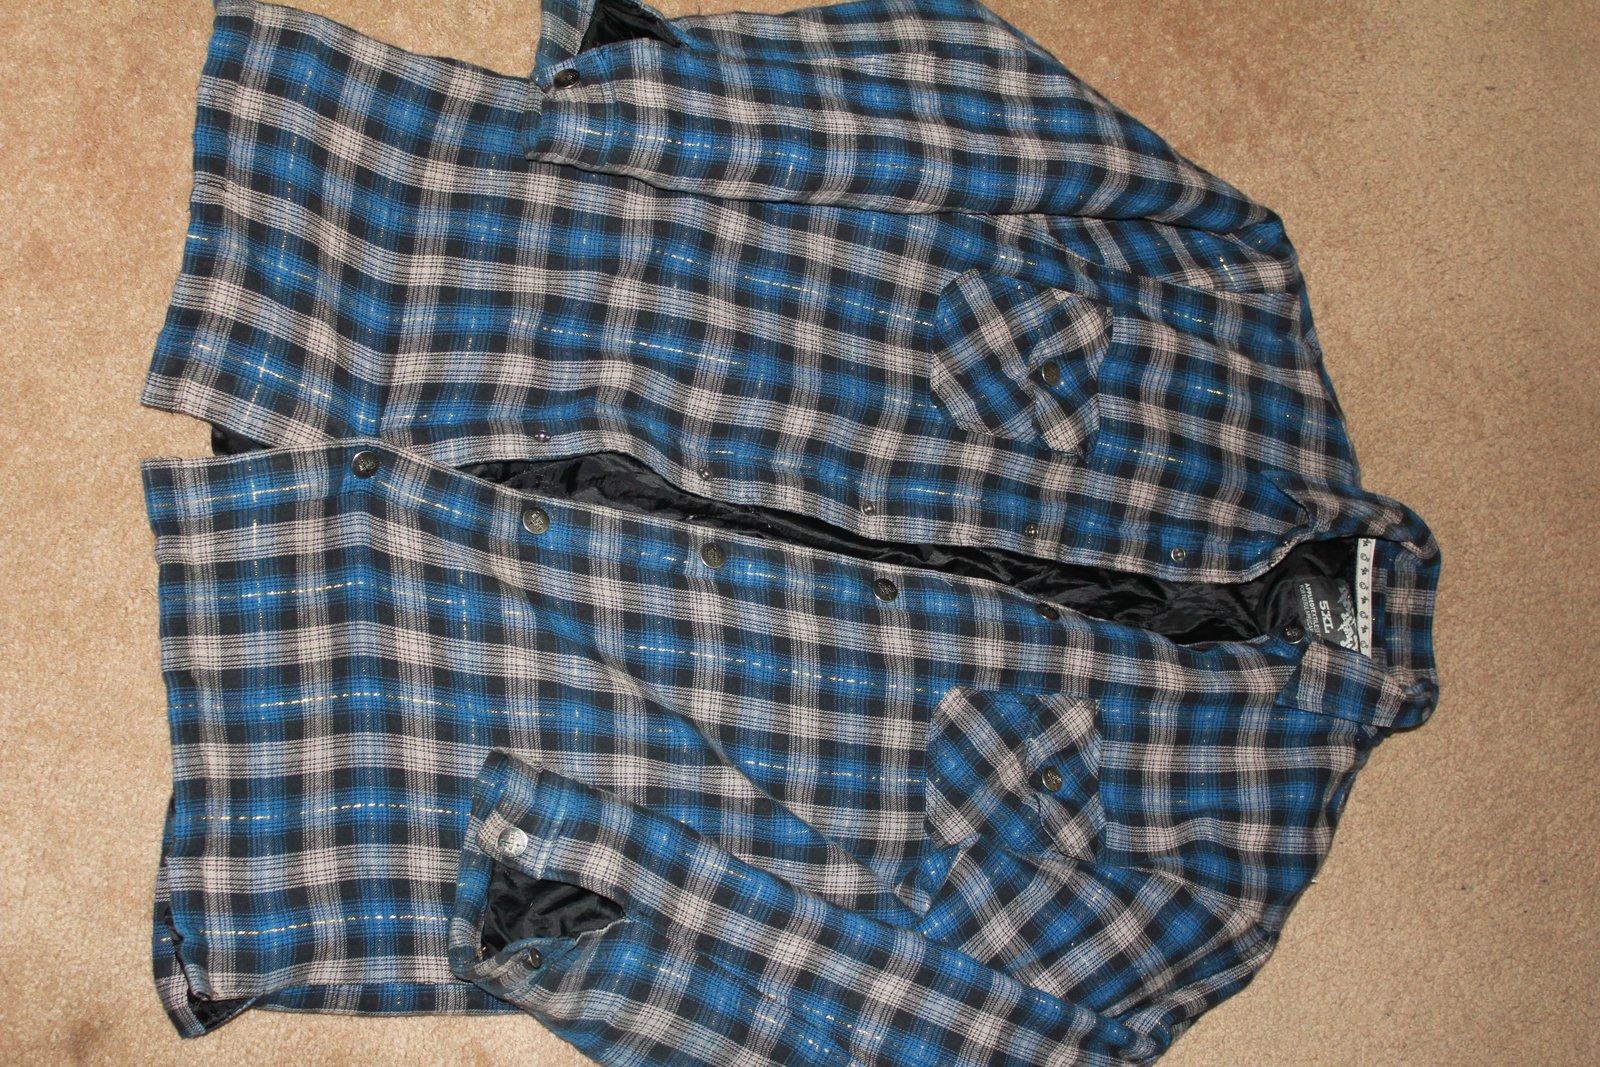 5X Jiberish Flannel